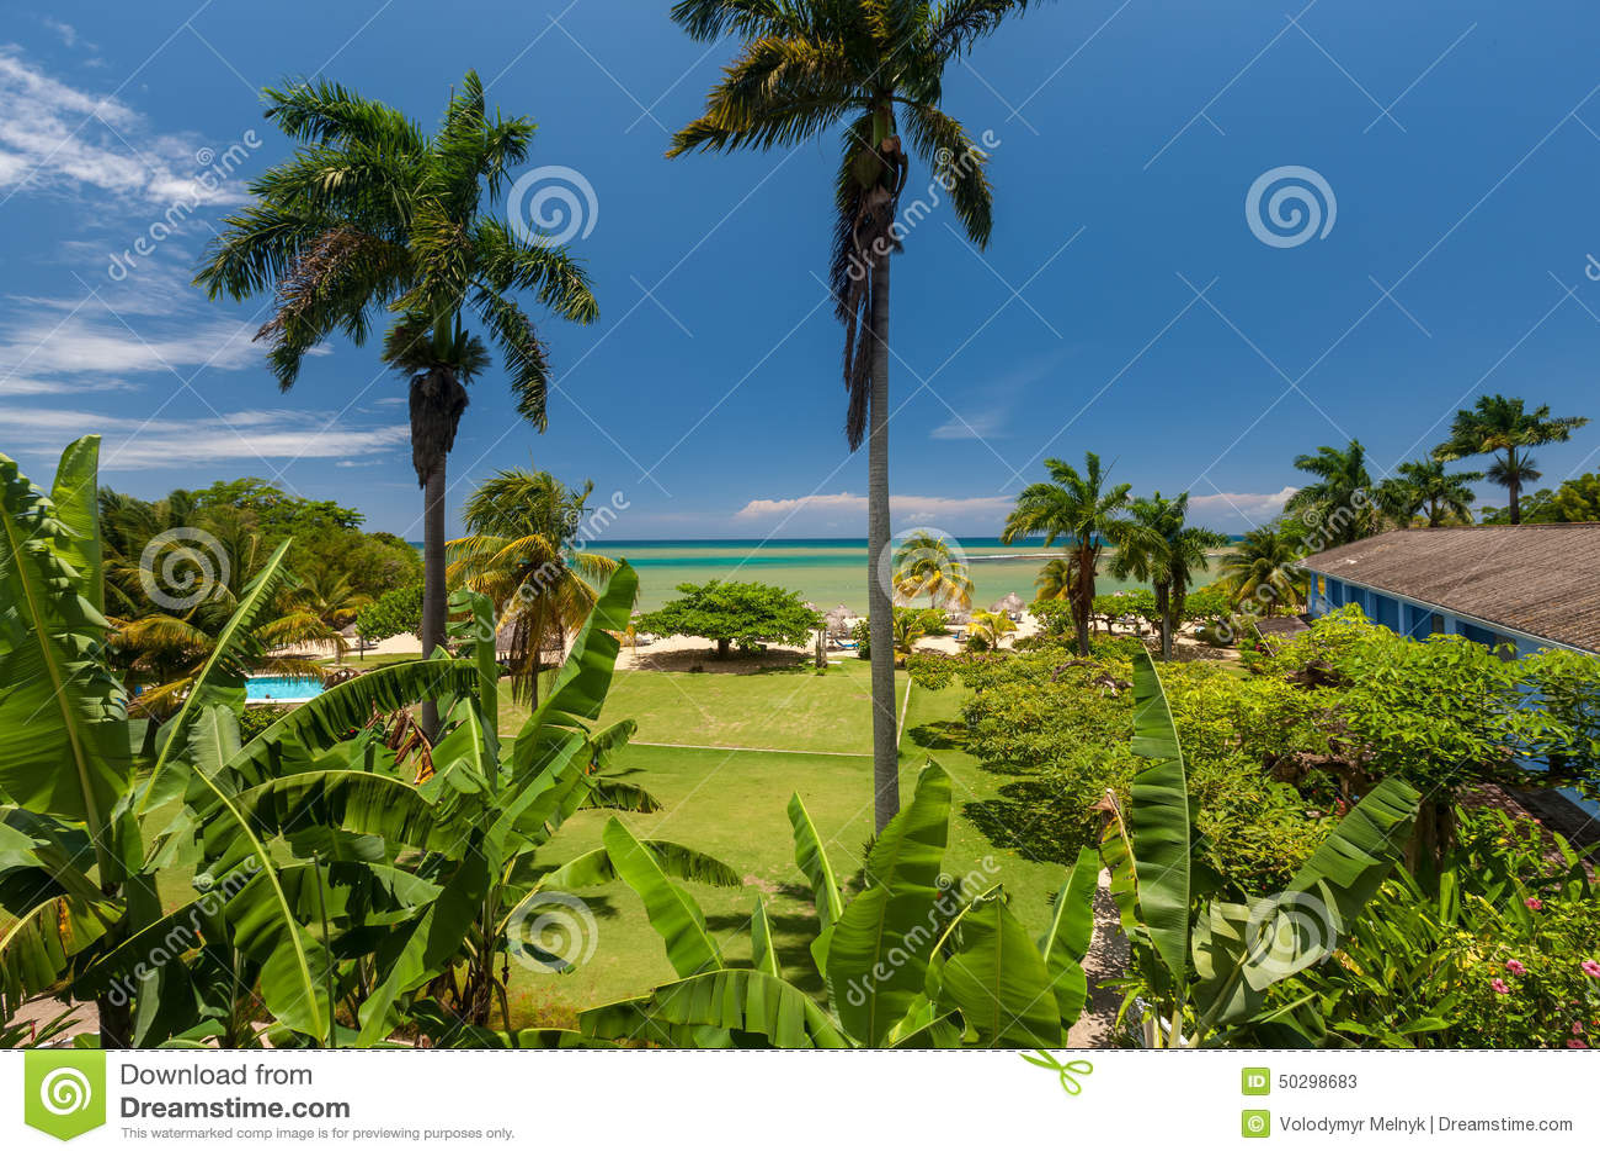 ... con i fiori e le palme che trascurano loceano con cielo blu